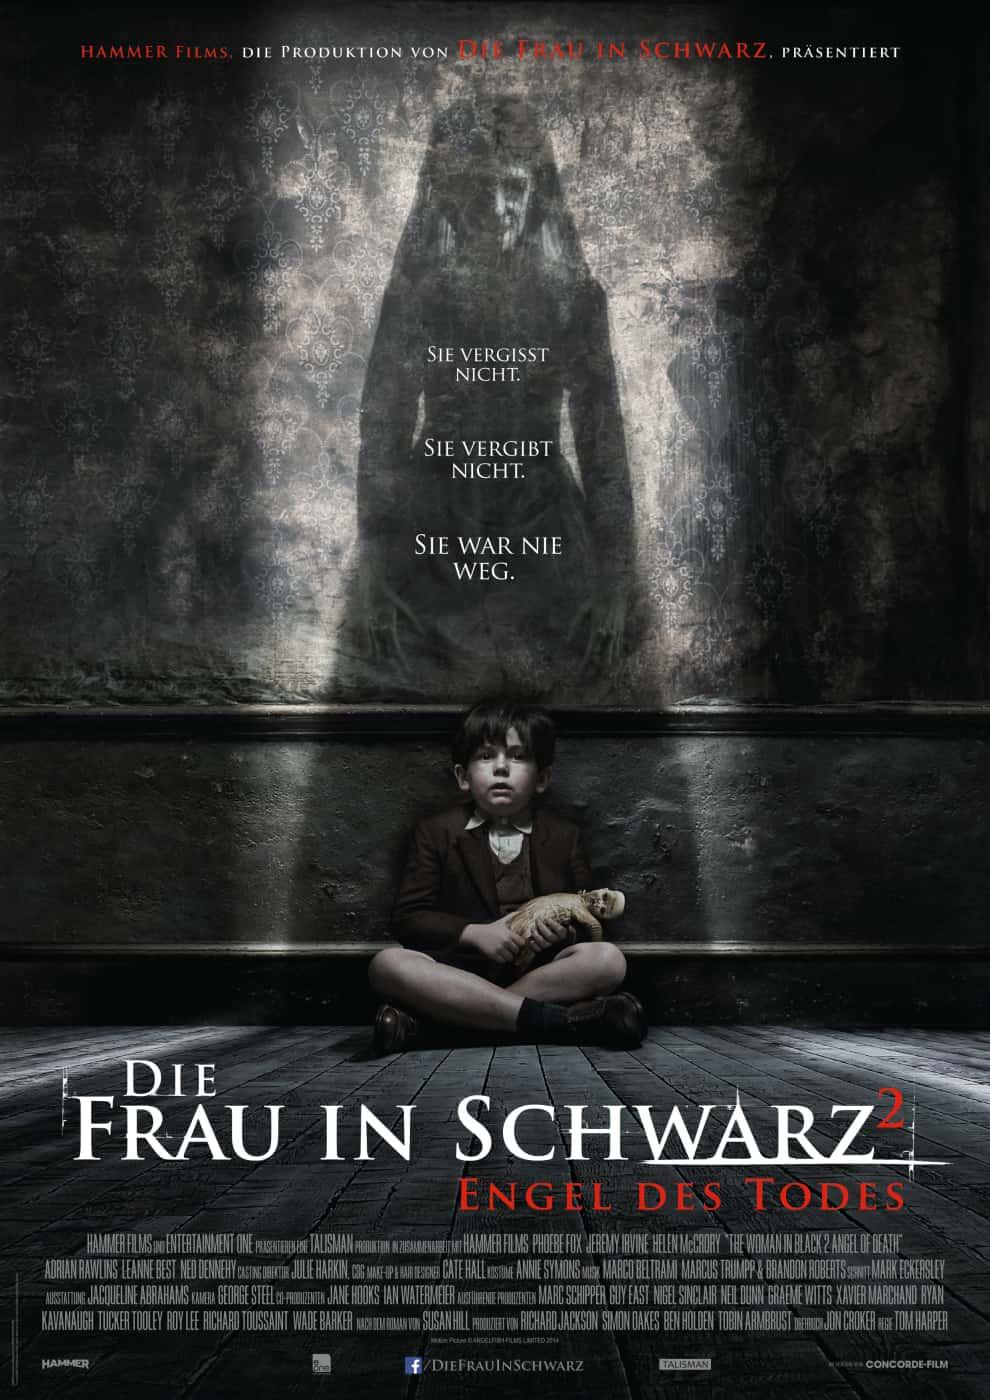 Die Frau In Schwarz 2 Engel Des Todes Stream